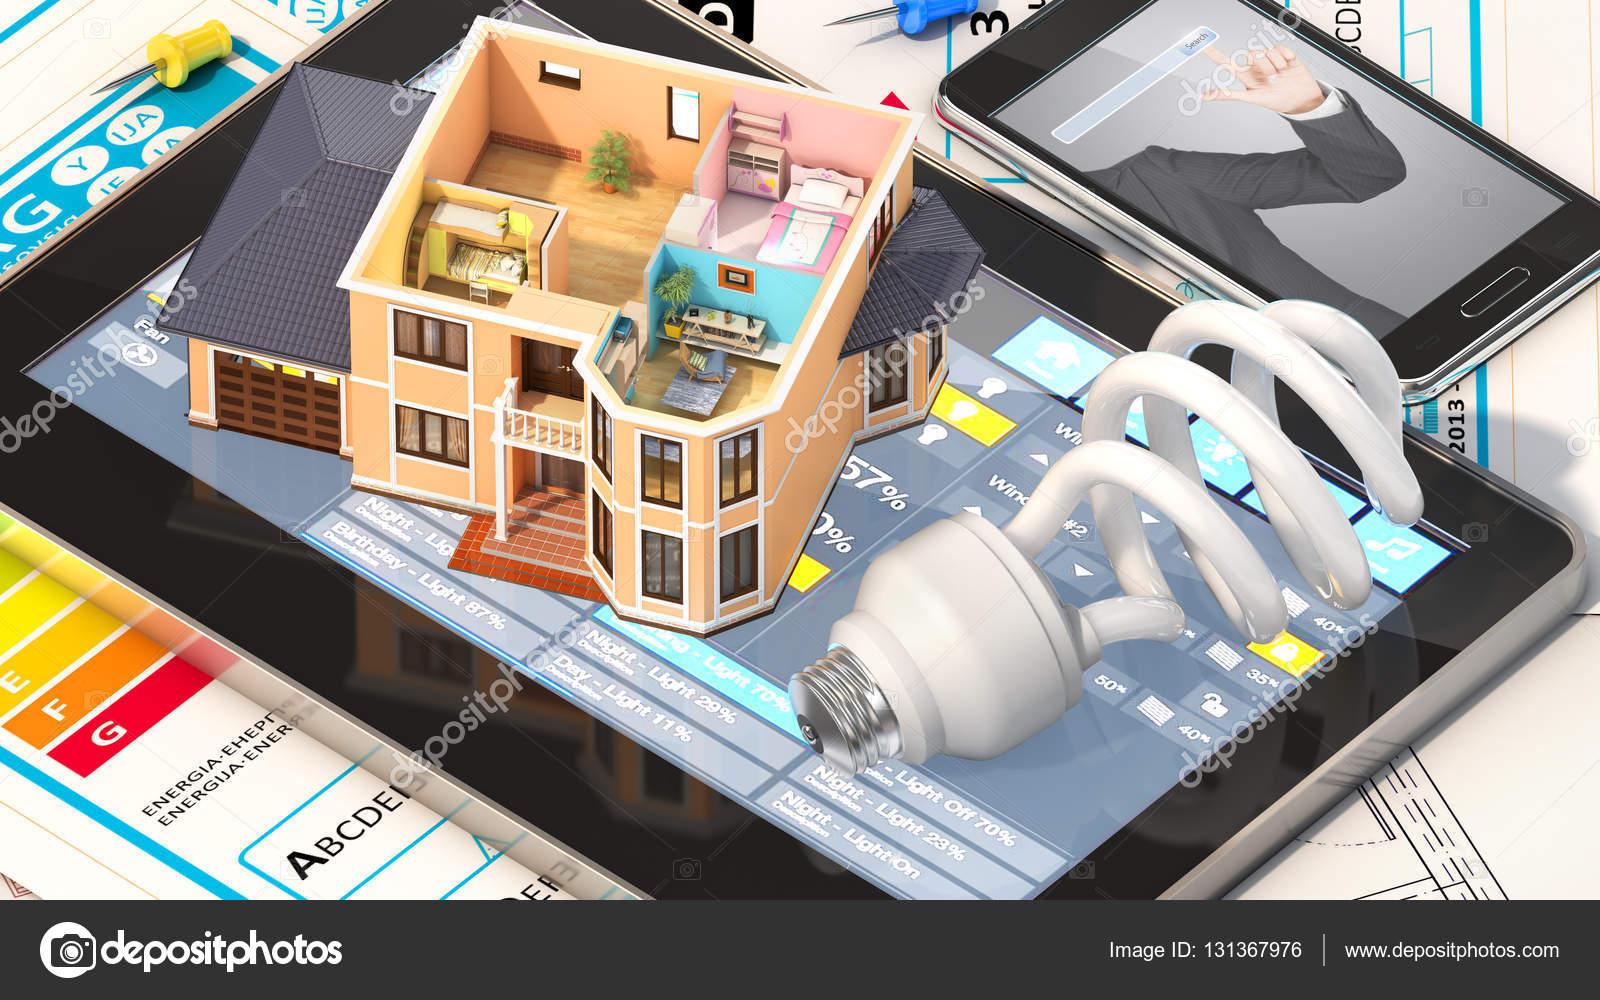 Maison dhabitation a vue où peuvent voir meublée dotées doutils sur larchitecte bleus projet dhabitation illustration 3d image de urfingus